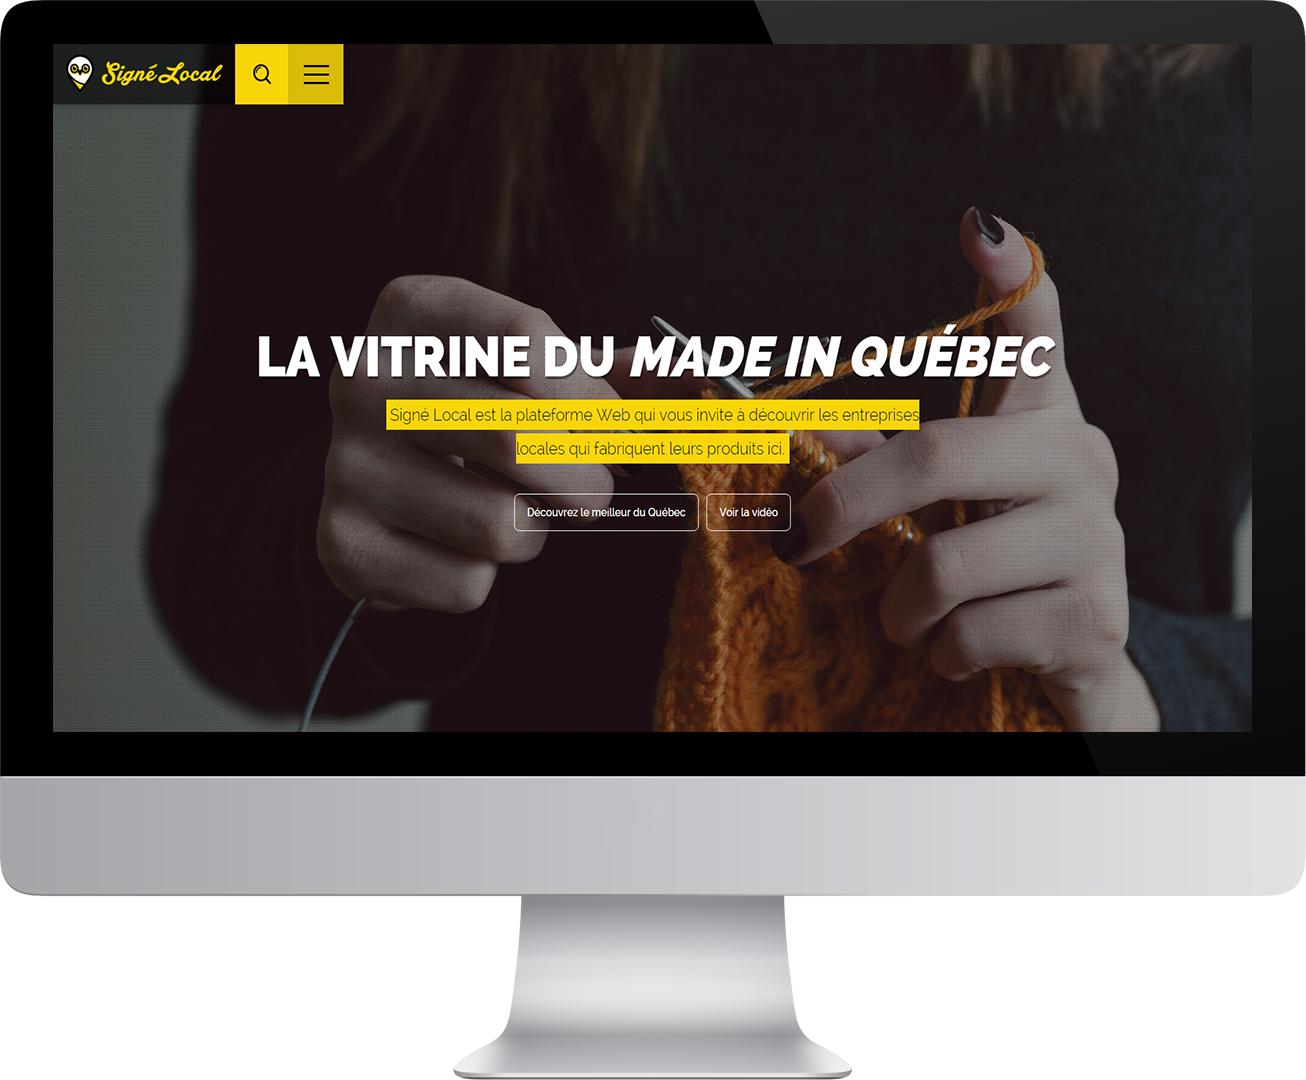 Site Web de Signé Local dans un écran d'ordinateur